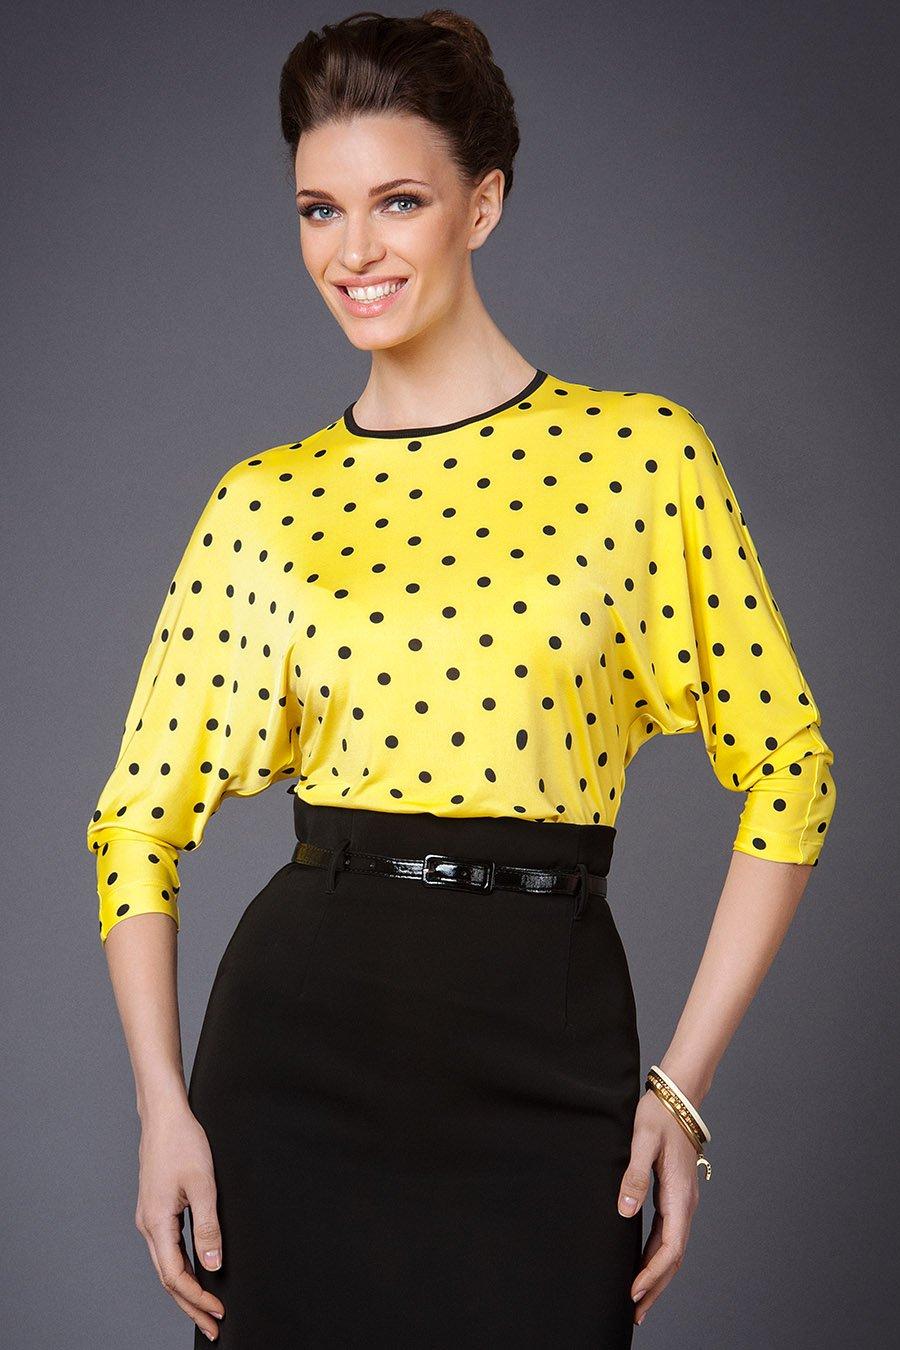 Блузки для женщин в Волгограде